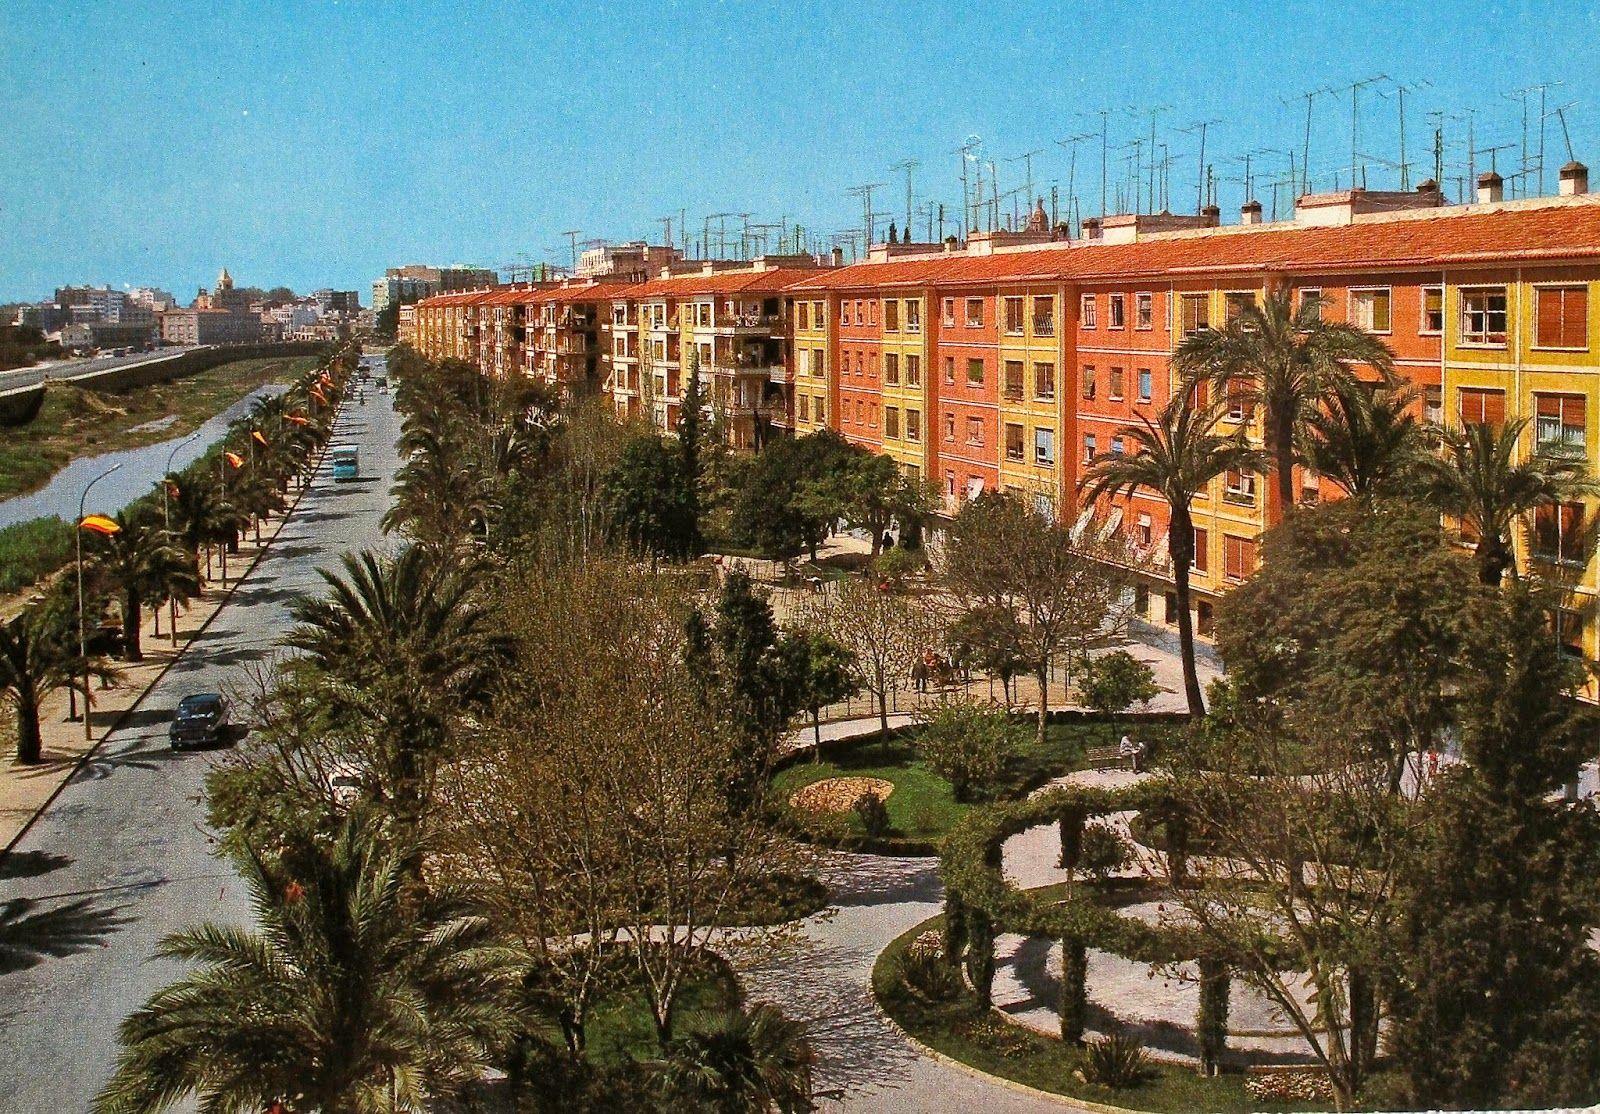 avenida Itte. Jorge Palacios (antes General Moscardó) en unas imágenes retrospectivas de los años 60. llama la atención es el incremento de antenas de T.V. a lo largo de estos años (finales 60).  Los banderines de las farolas delatan días de celebración en la FICA¡Ay Murcia!: abril 2014